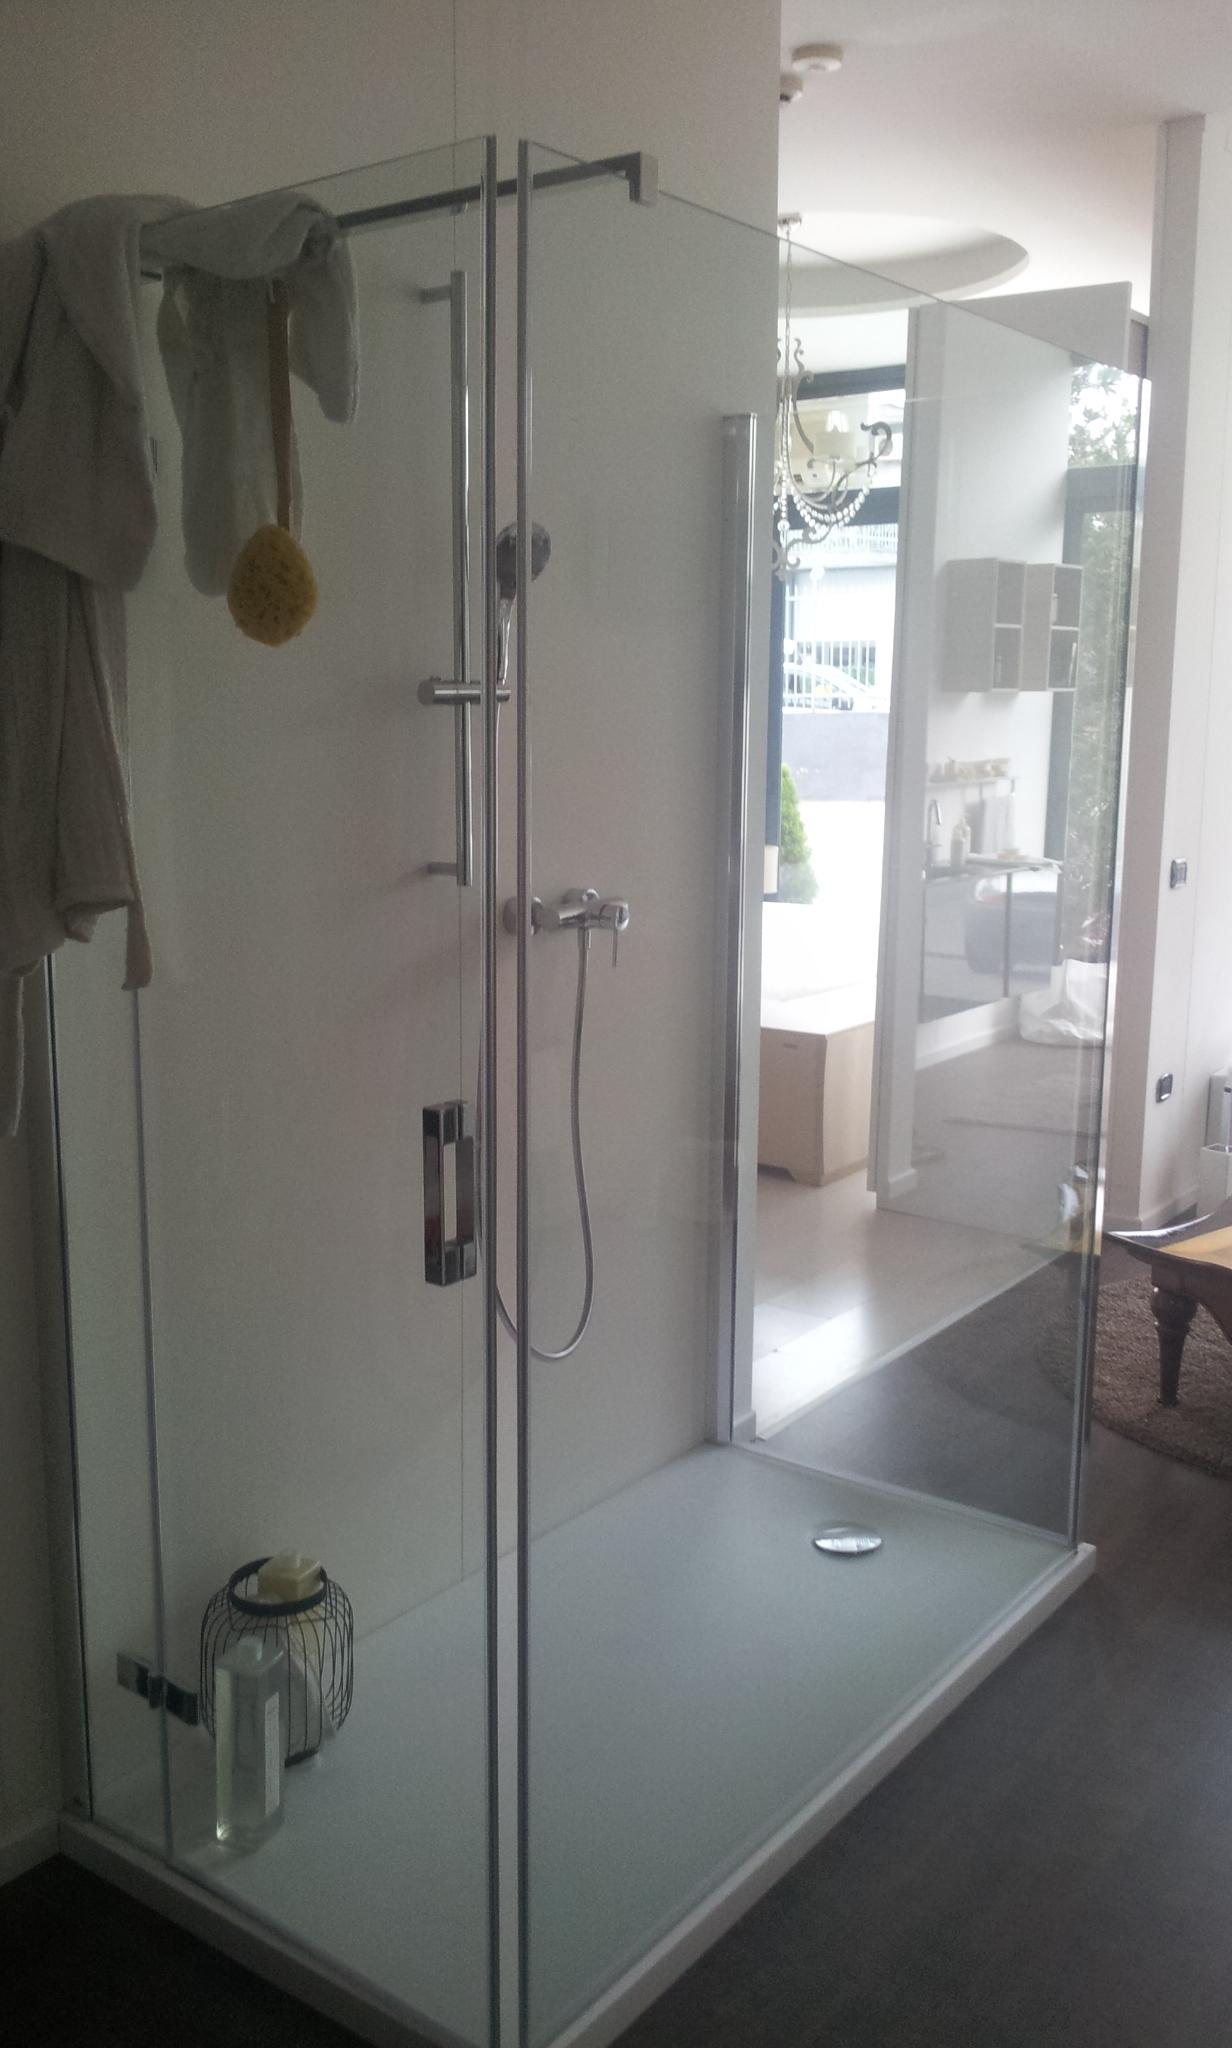 Scavolini doccia bathroom scavolini scontato del 42 - Arredo bagno scavolini prezzi ...